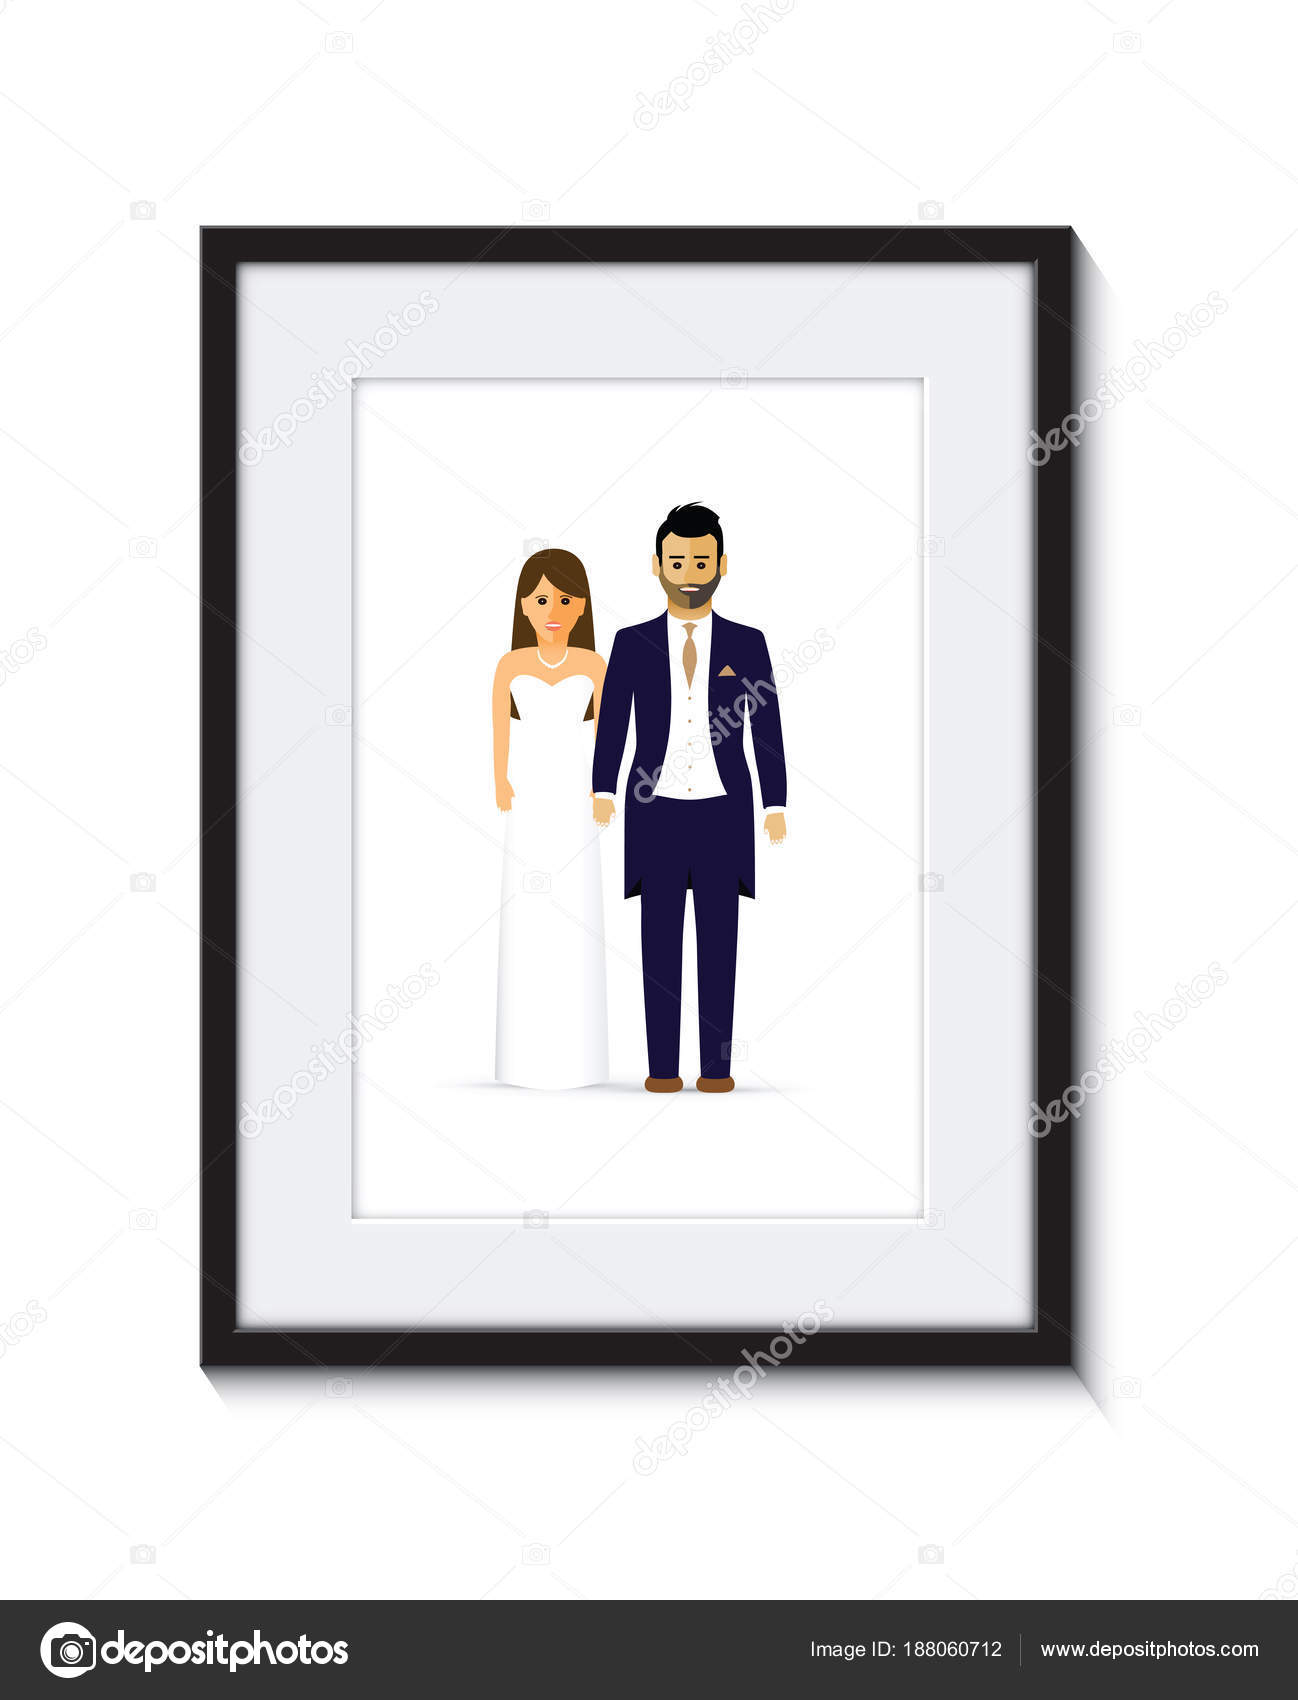 Hochzeit paar Fotorahmen — Stockvektor © jameschipper #188060712